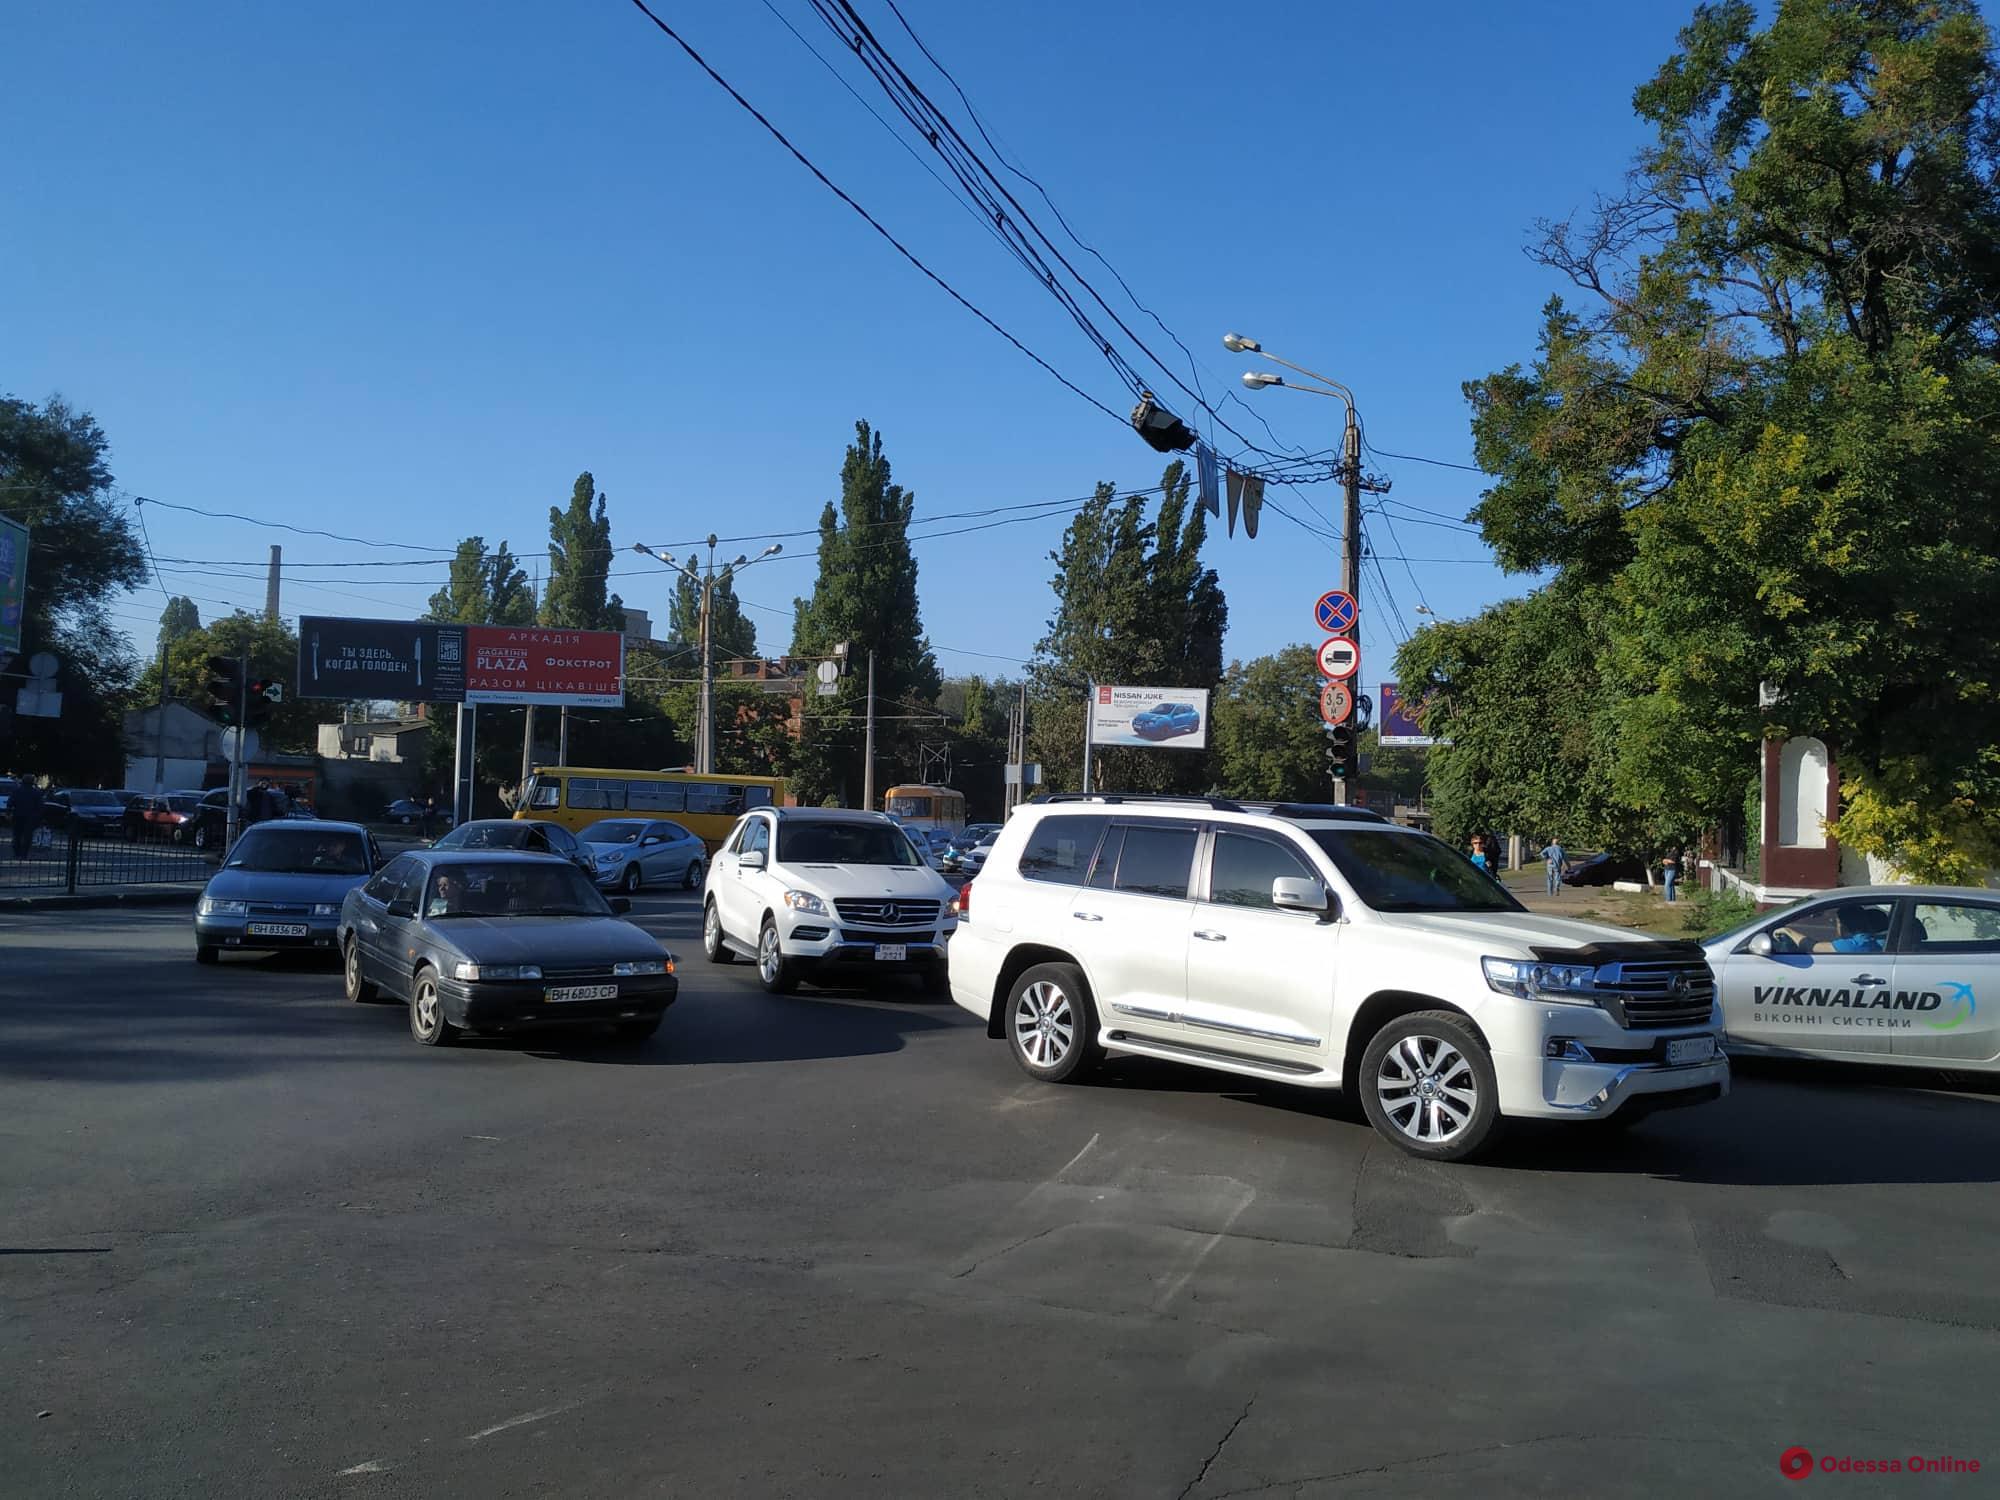 Из-за перекрытия Люстдорфской дороги в Одессе начался транспортный коллапс (фото, видео)